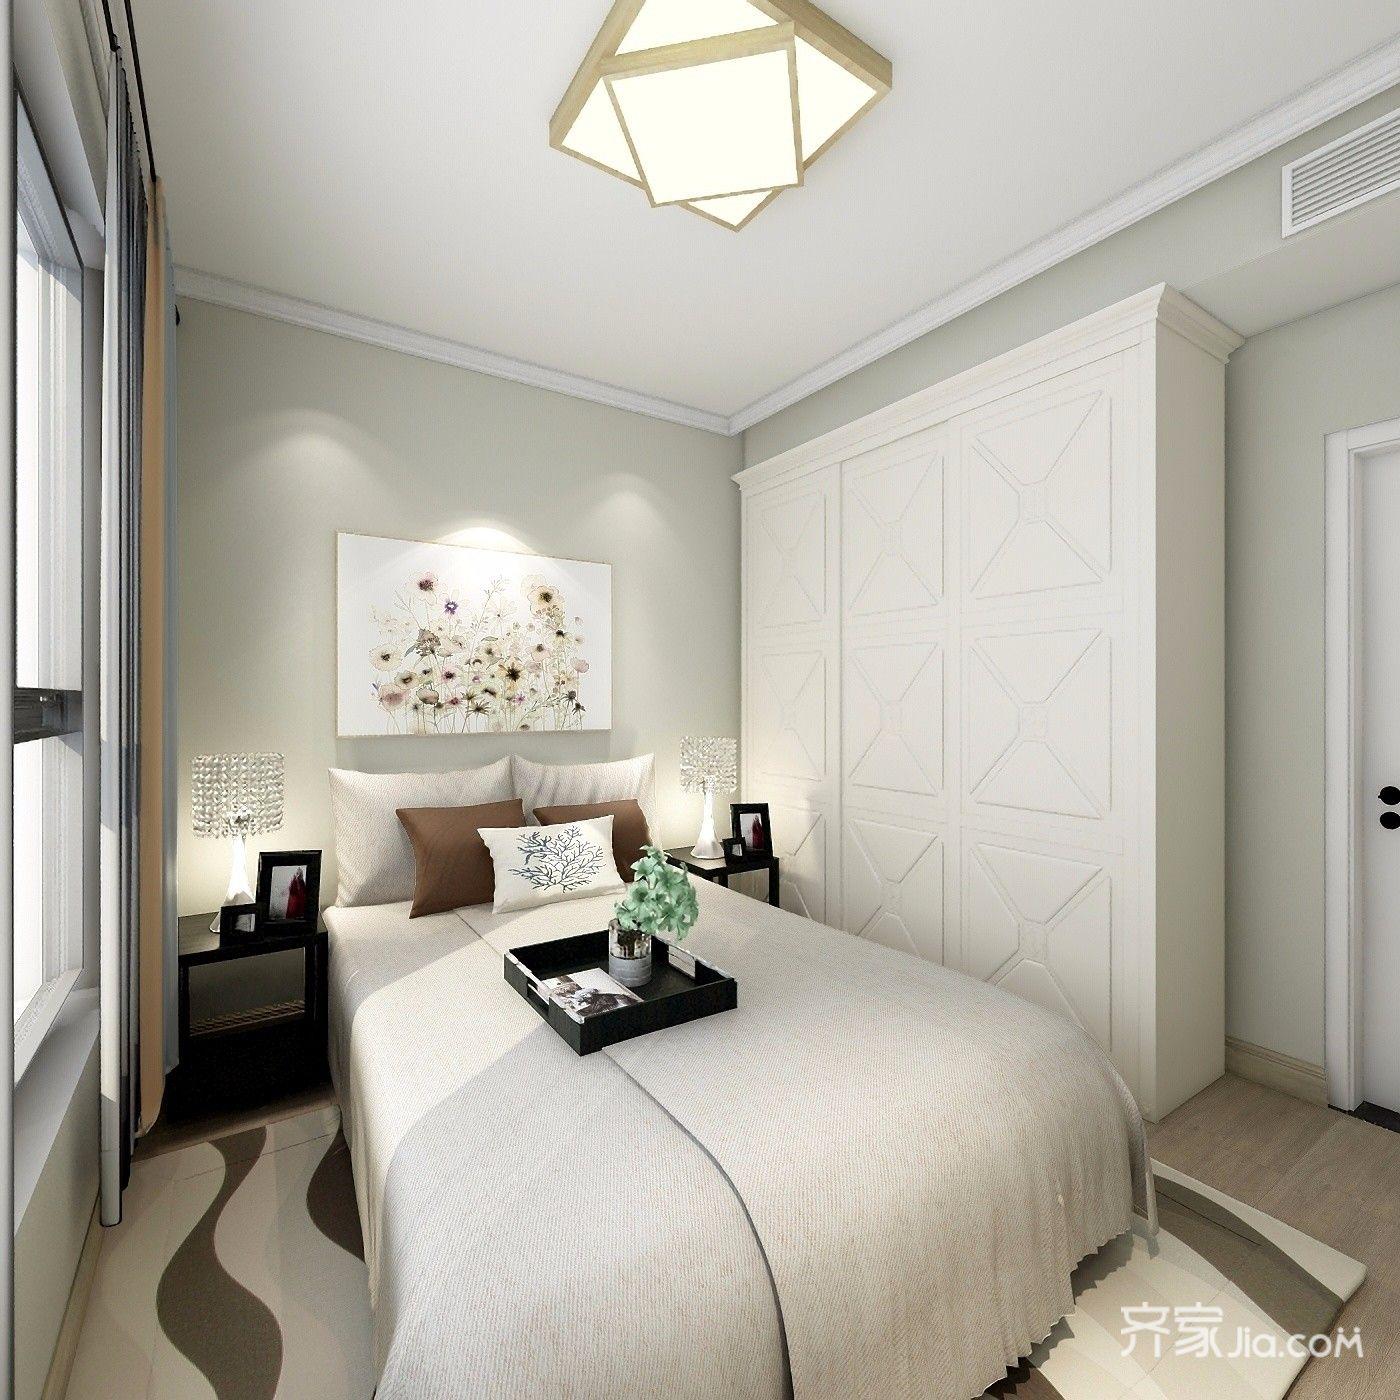 主卧室床背景用石膏线条简单造型,乳胶漆颜色比较暖一点